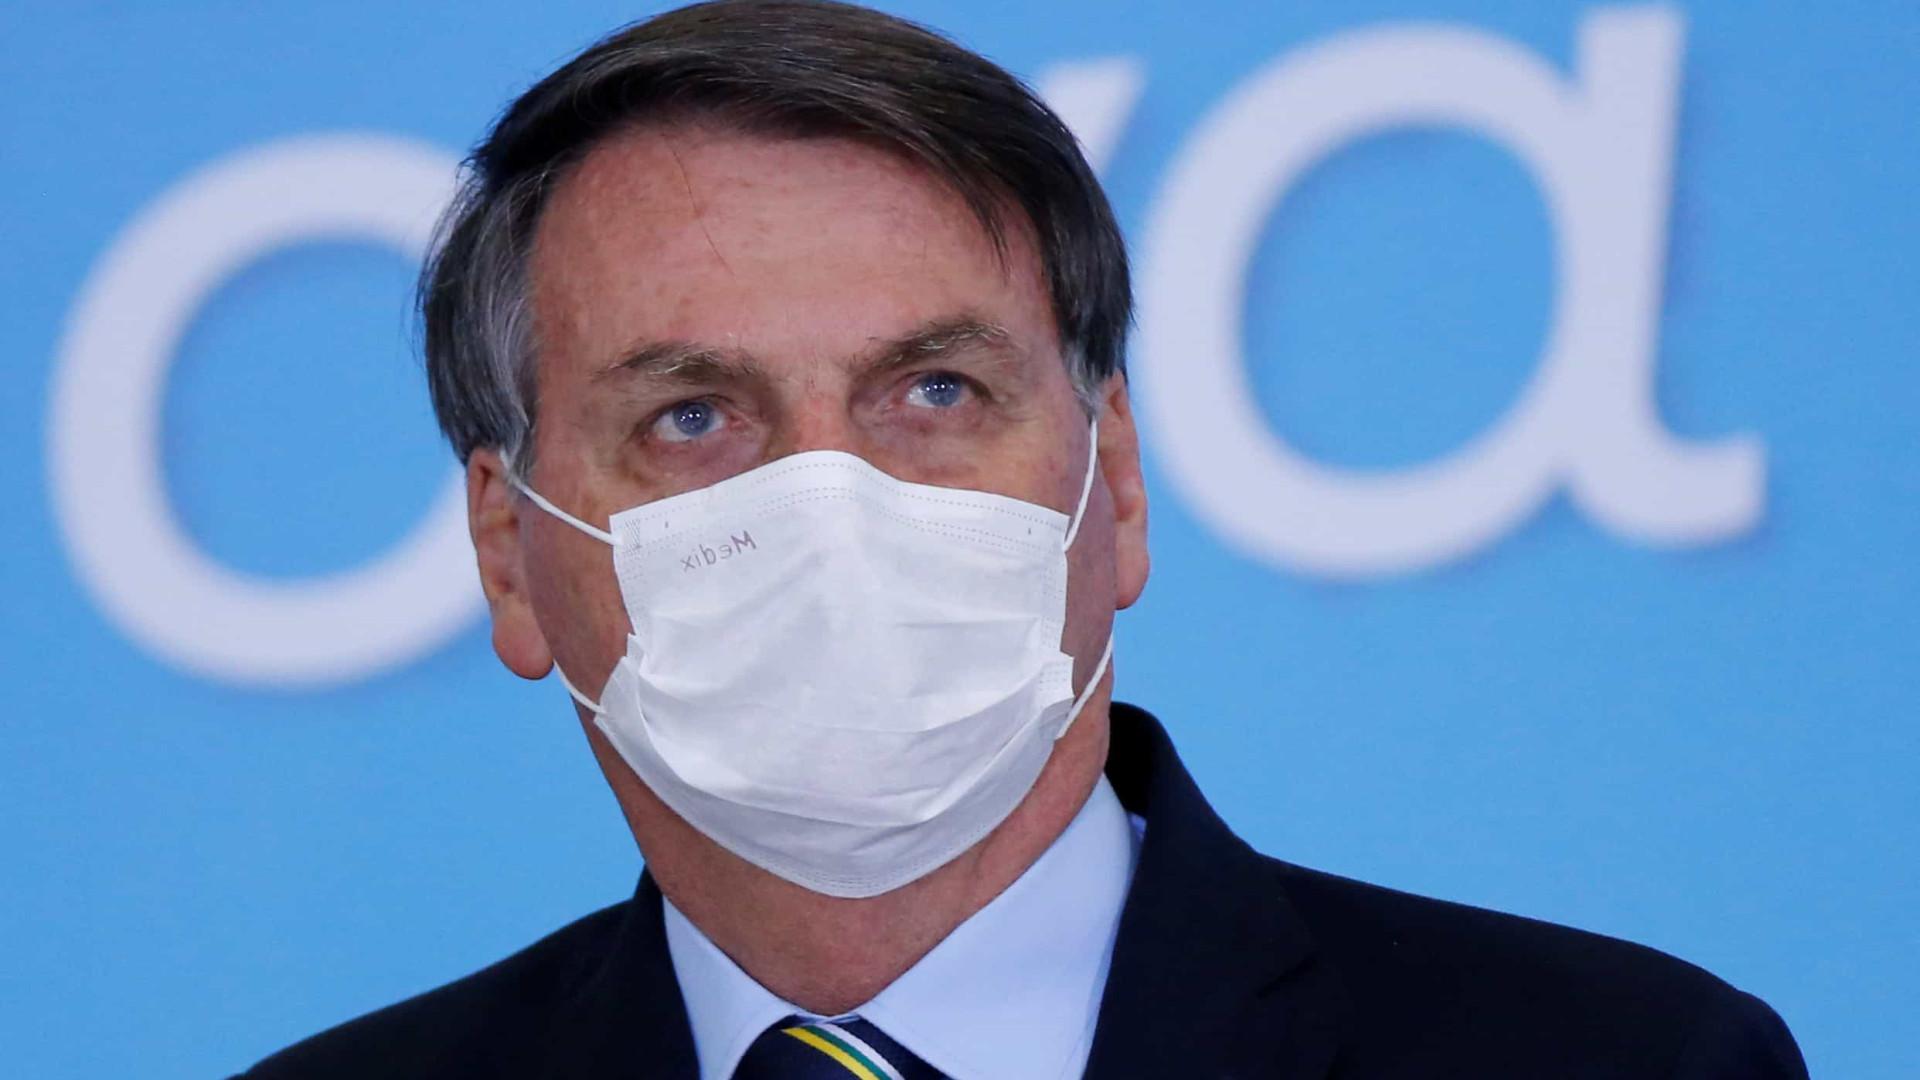 Infectologista alerta: isolamento para quem teve contato com Bolsonaro